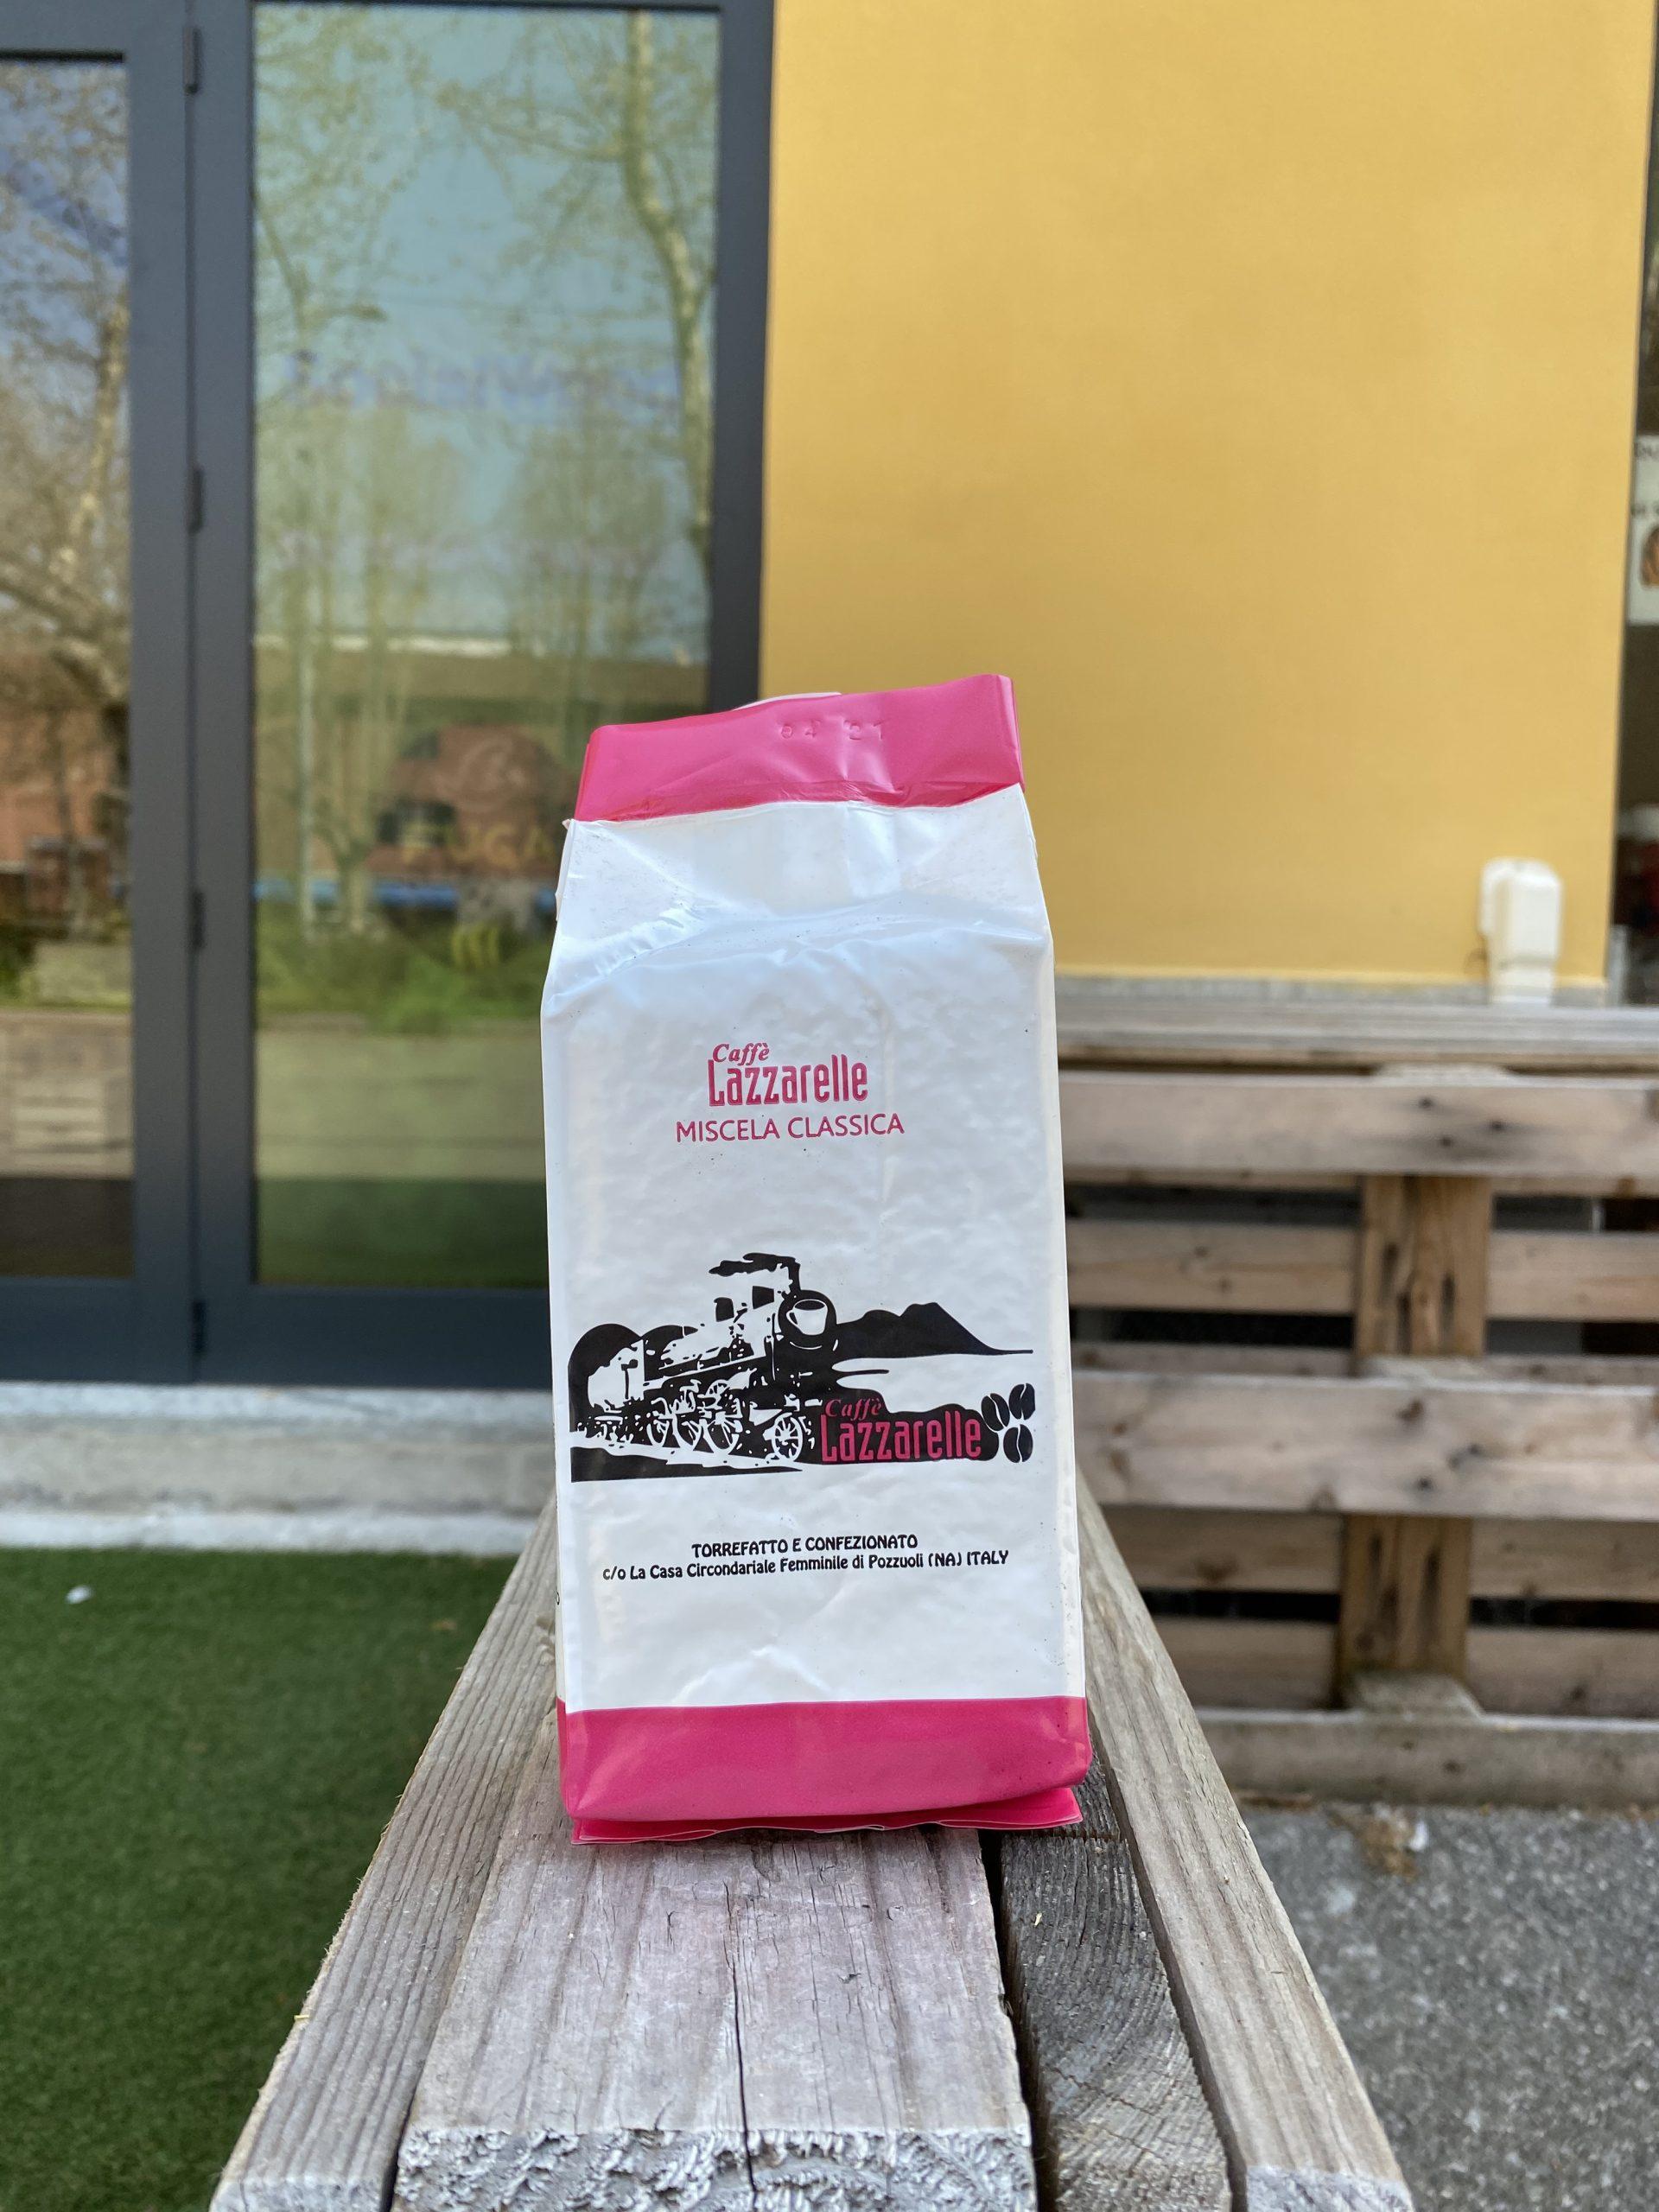 Caffè macinato – Lazzarelle